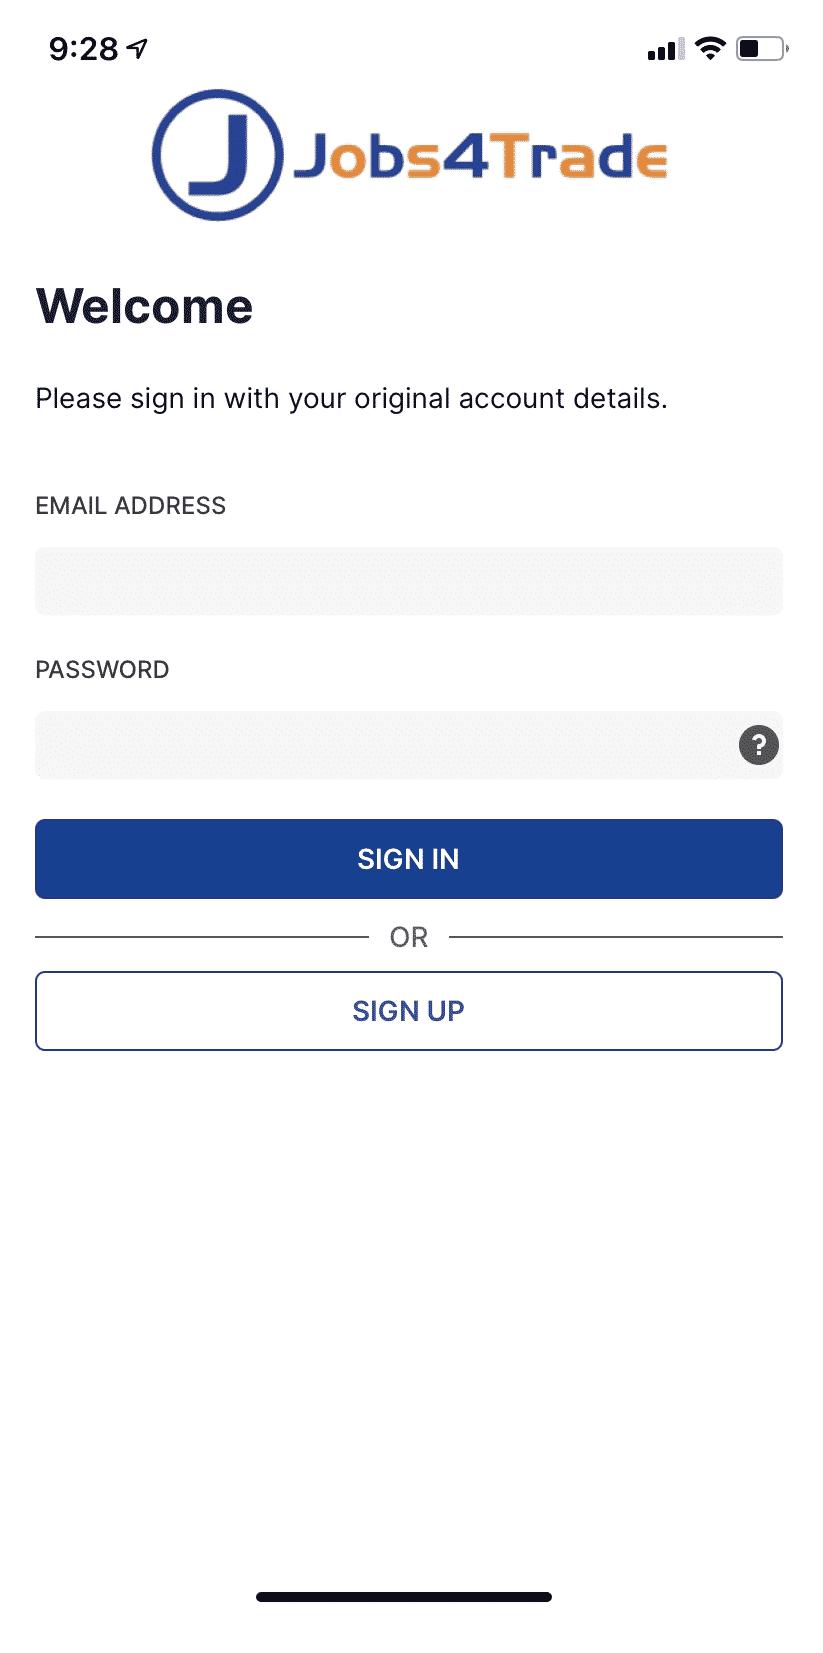 Jobs4trade app